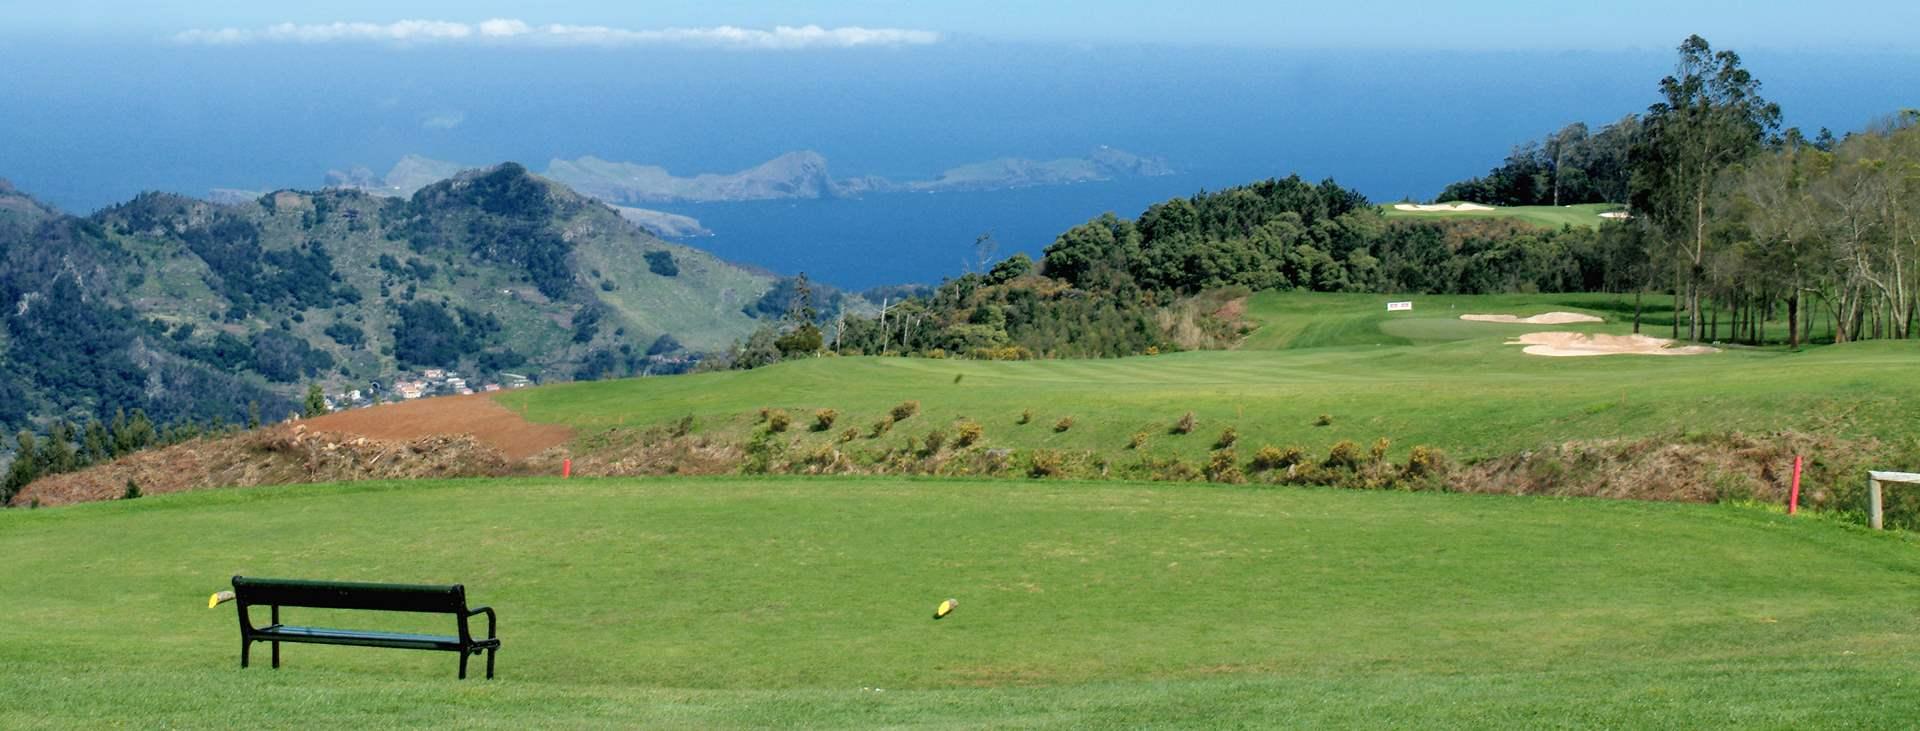 Tjäreborgin kautta Santo da Serraan, Madeiralle